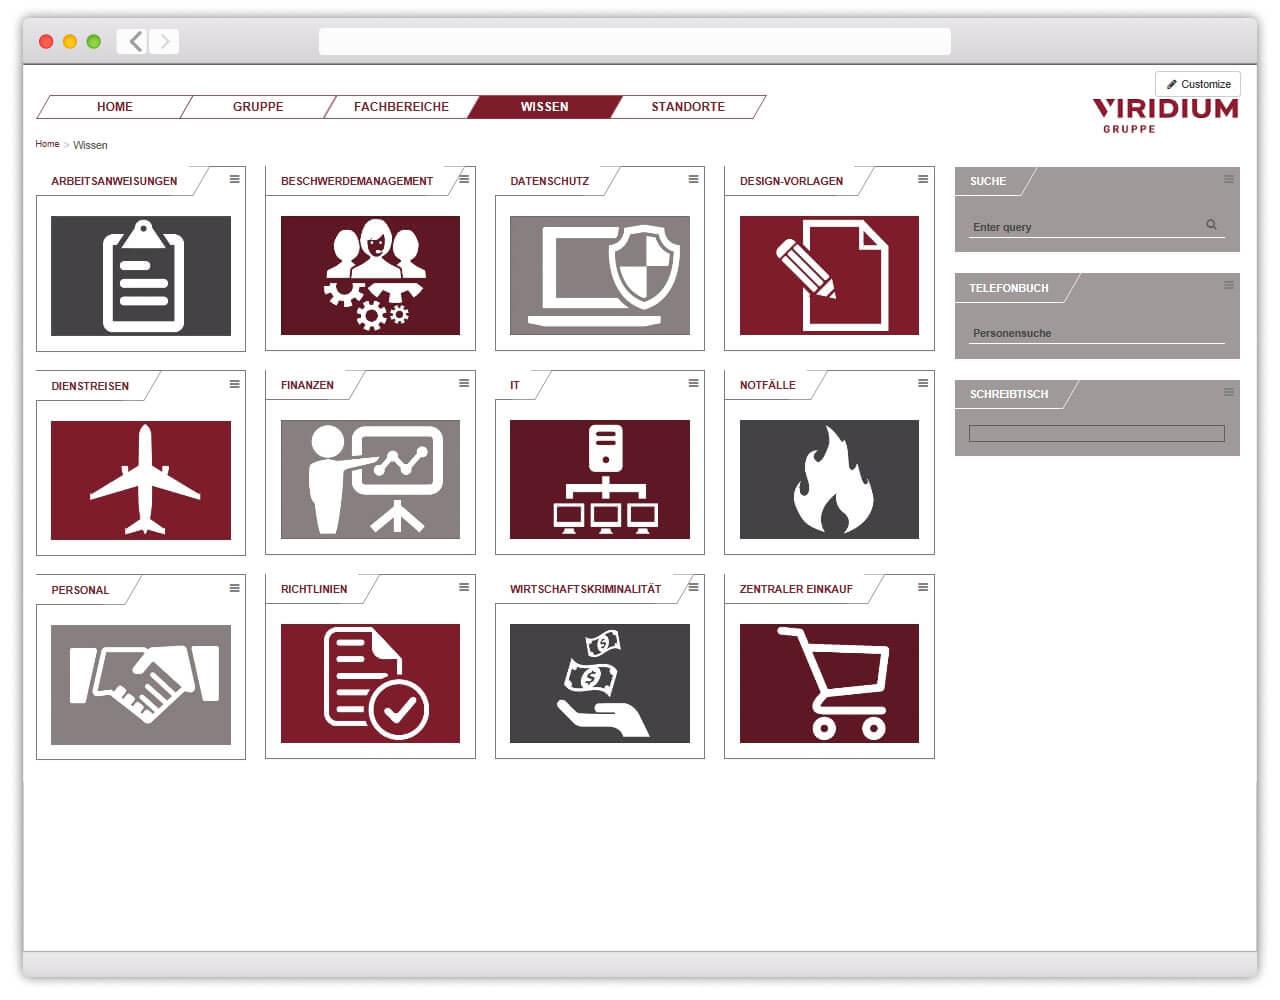 Screenshot des neugestalteten Intranets für die Viridium Gruppe.